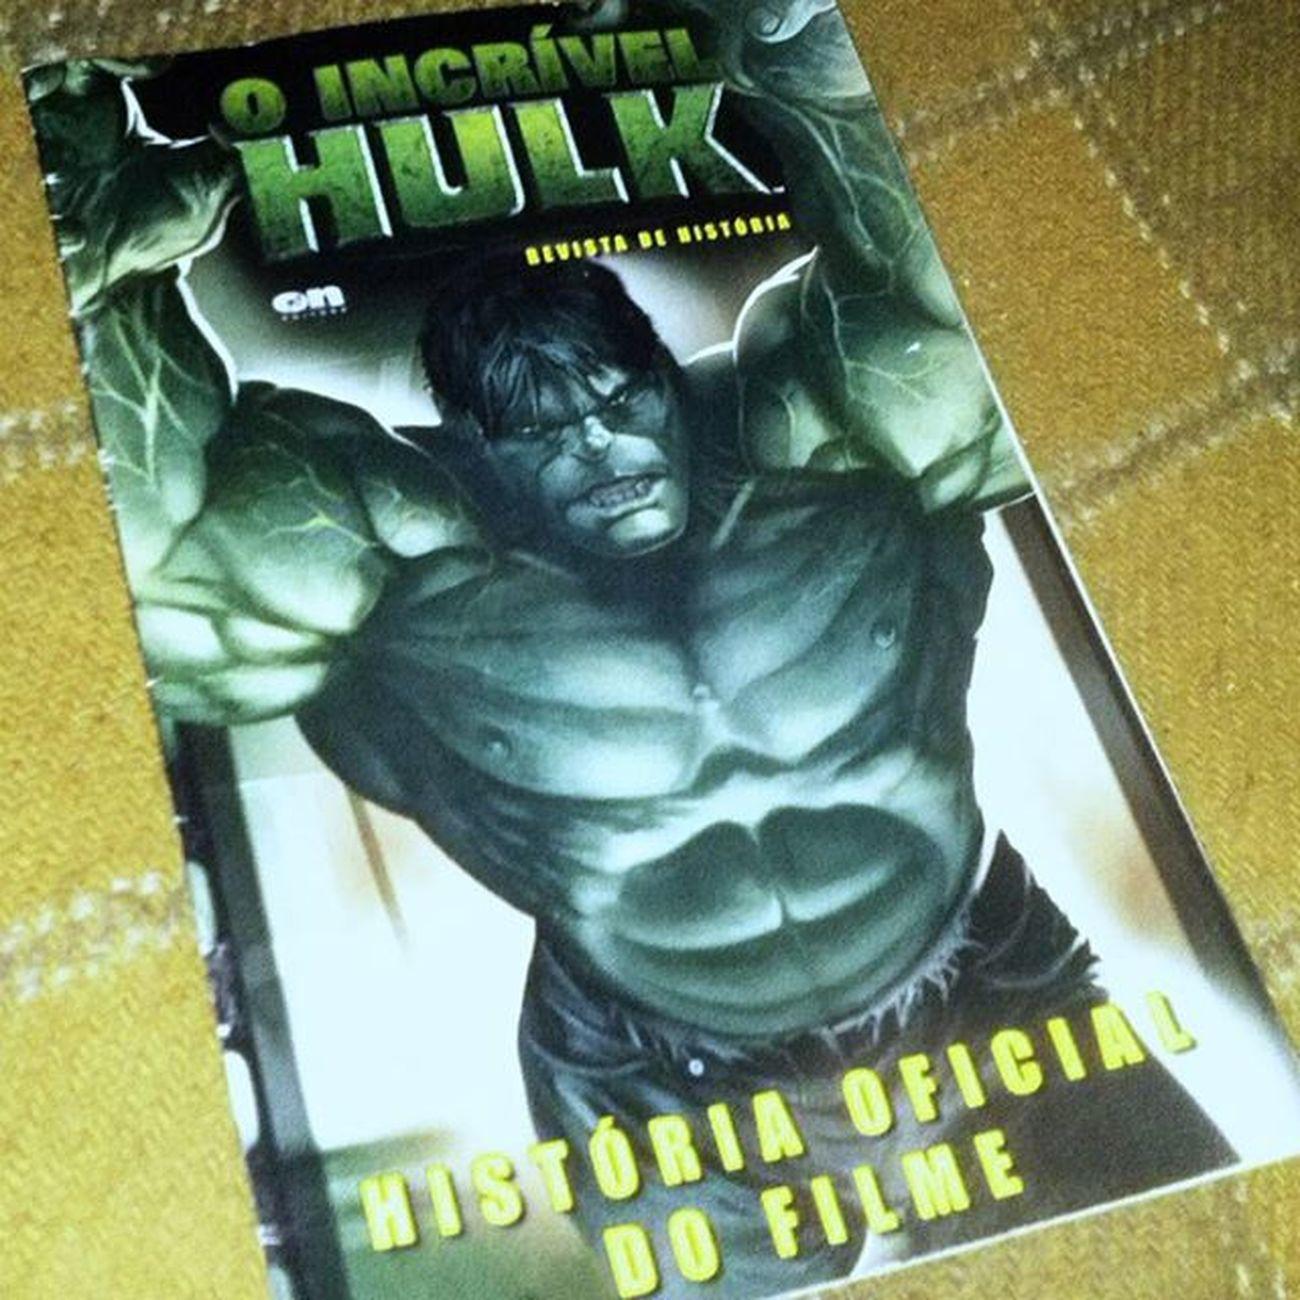 O Incrível Hulk- Adaptação Oficial do Filme Oincrivelhulk Theincrediblehulk Marvelcomics Adaptaçaooficialdofilme livtyler edwardnorton filmesequadrinhos